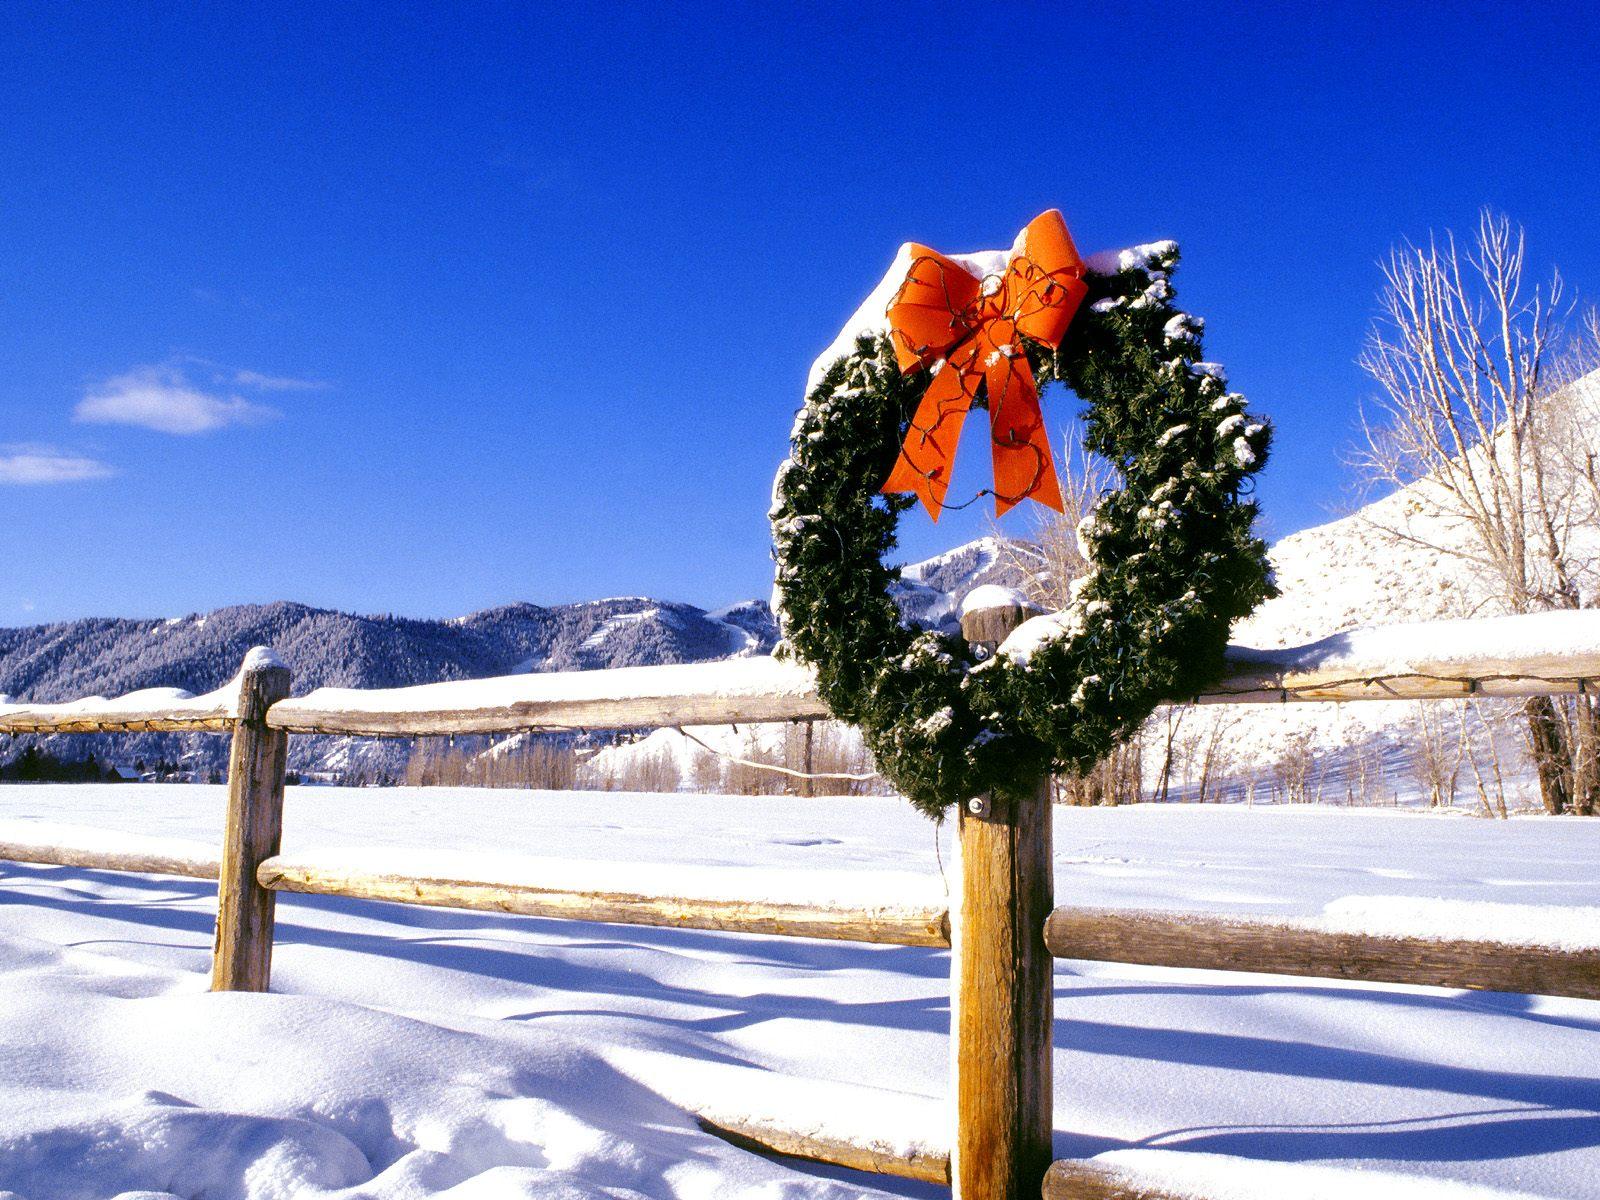 Imagini de iarna de Craciun